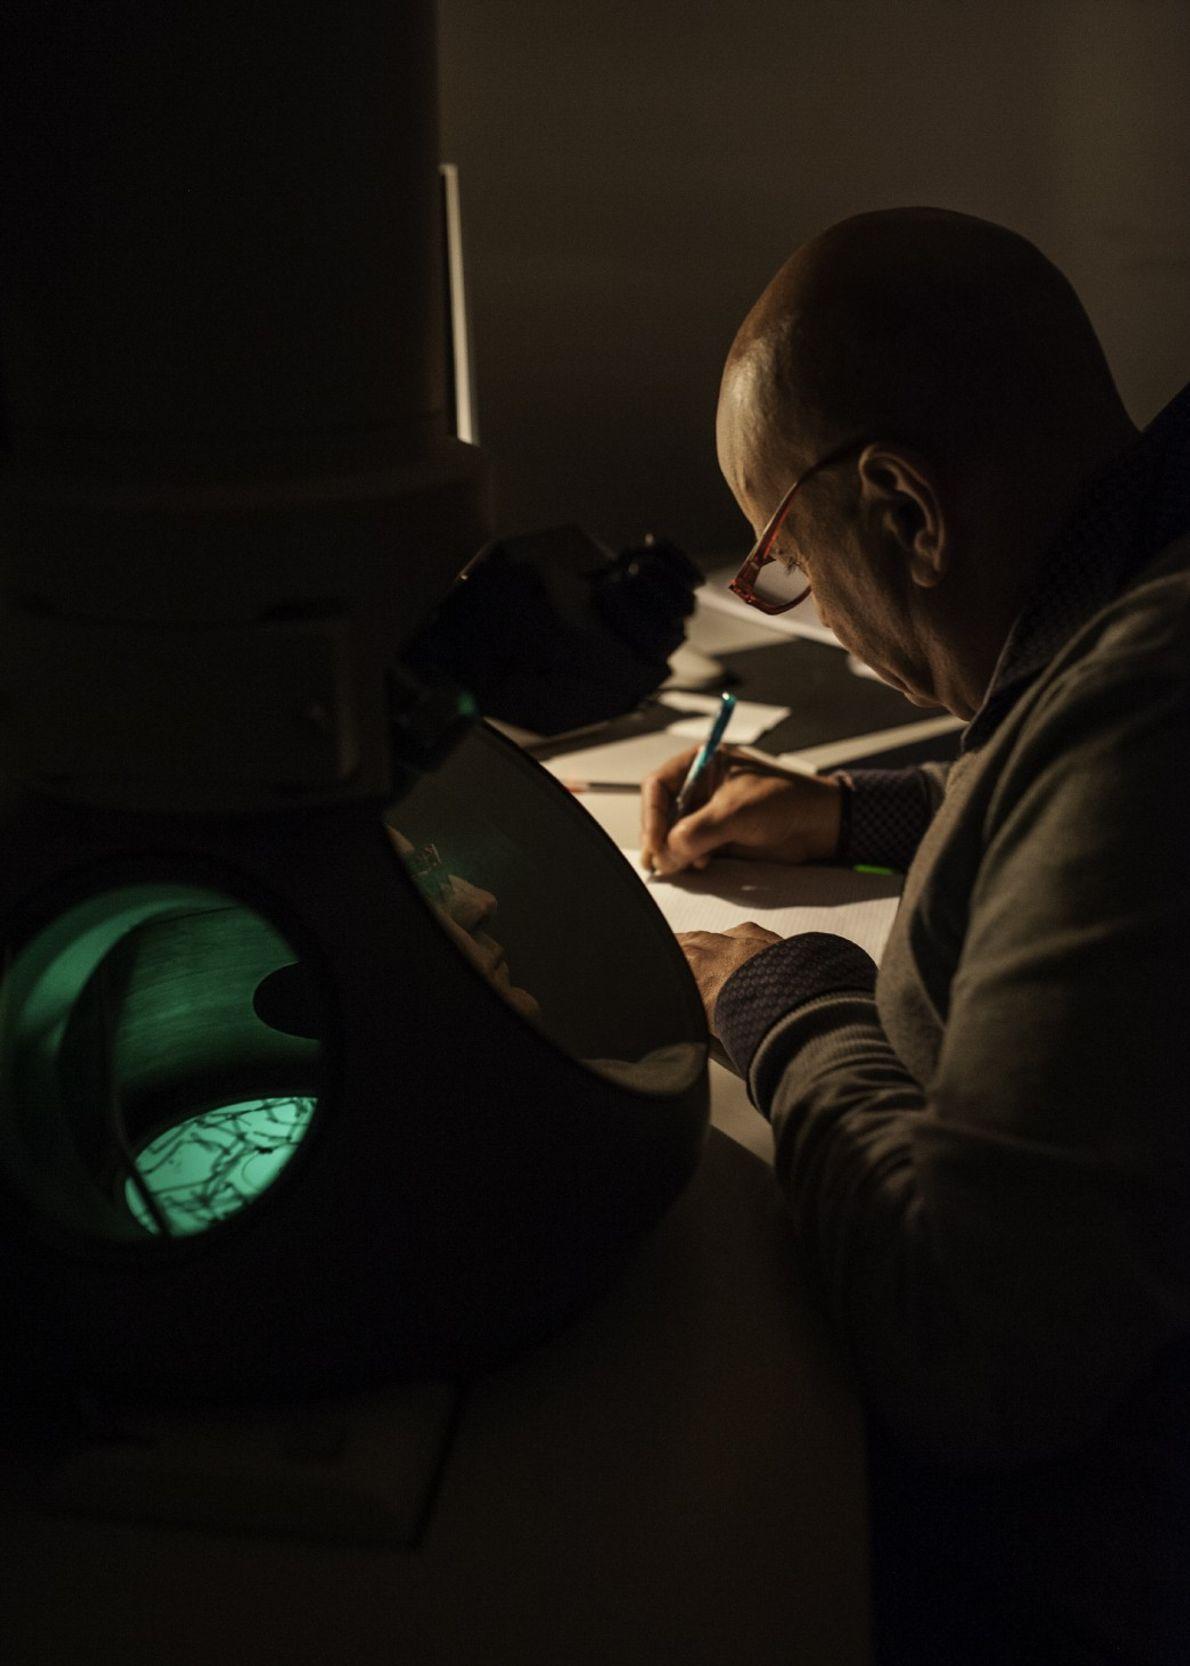 Angelo De Stradis, científico del Consejo Nacional de Investigación (CNR) de Bari, usa un microscopio electrónico ...